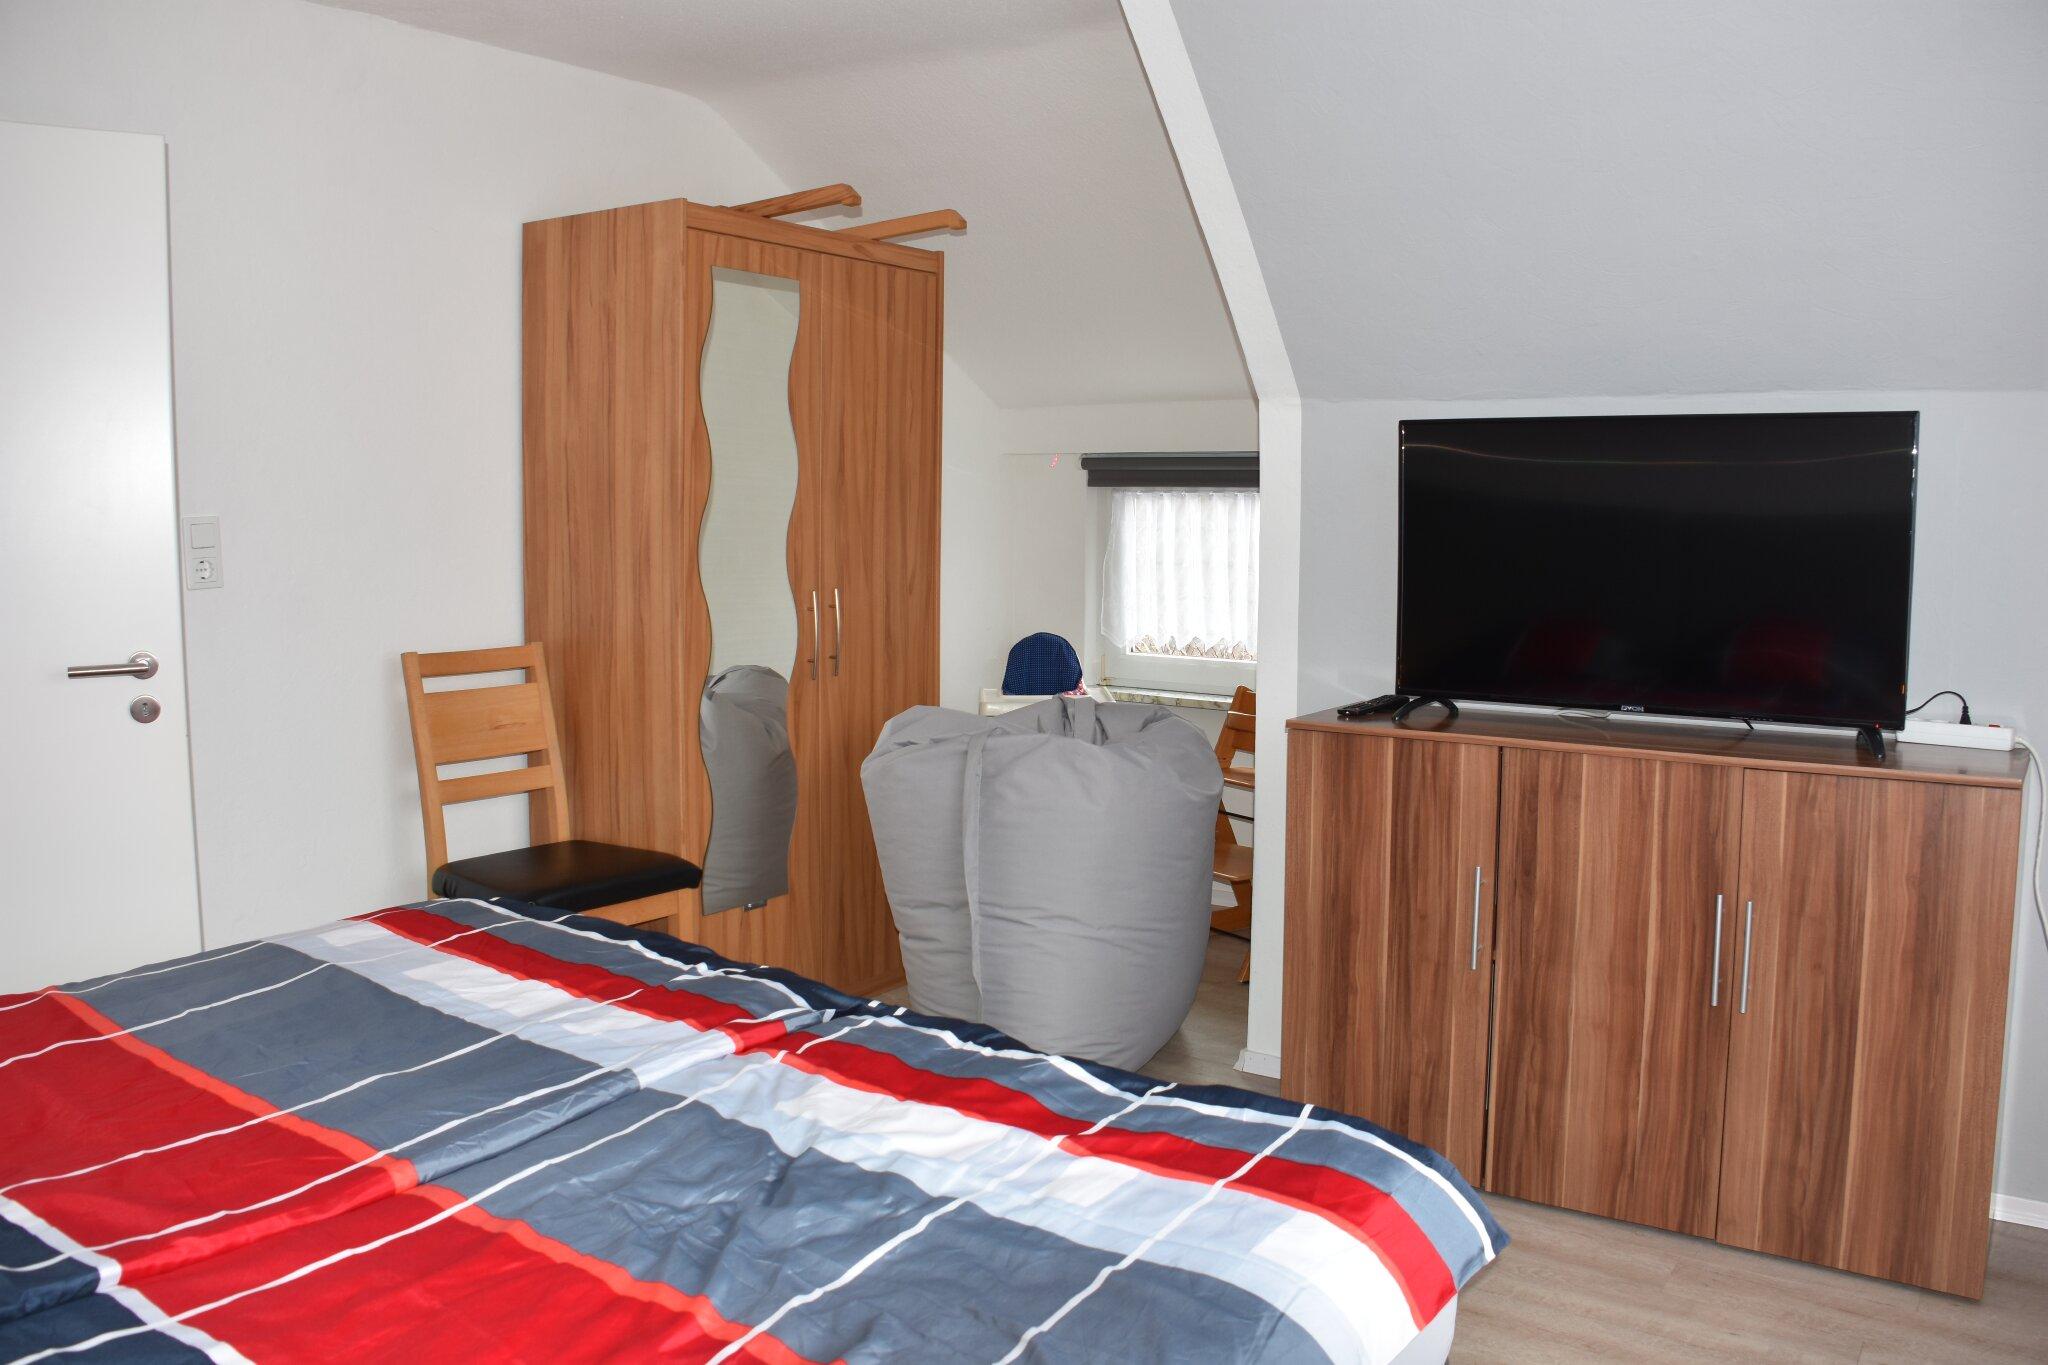 Wohn- Schlafzimmer mit Schlafcouch